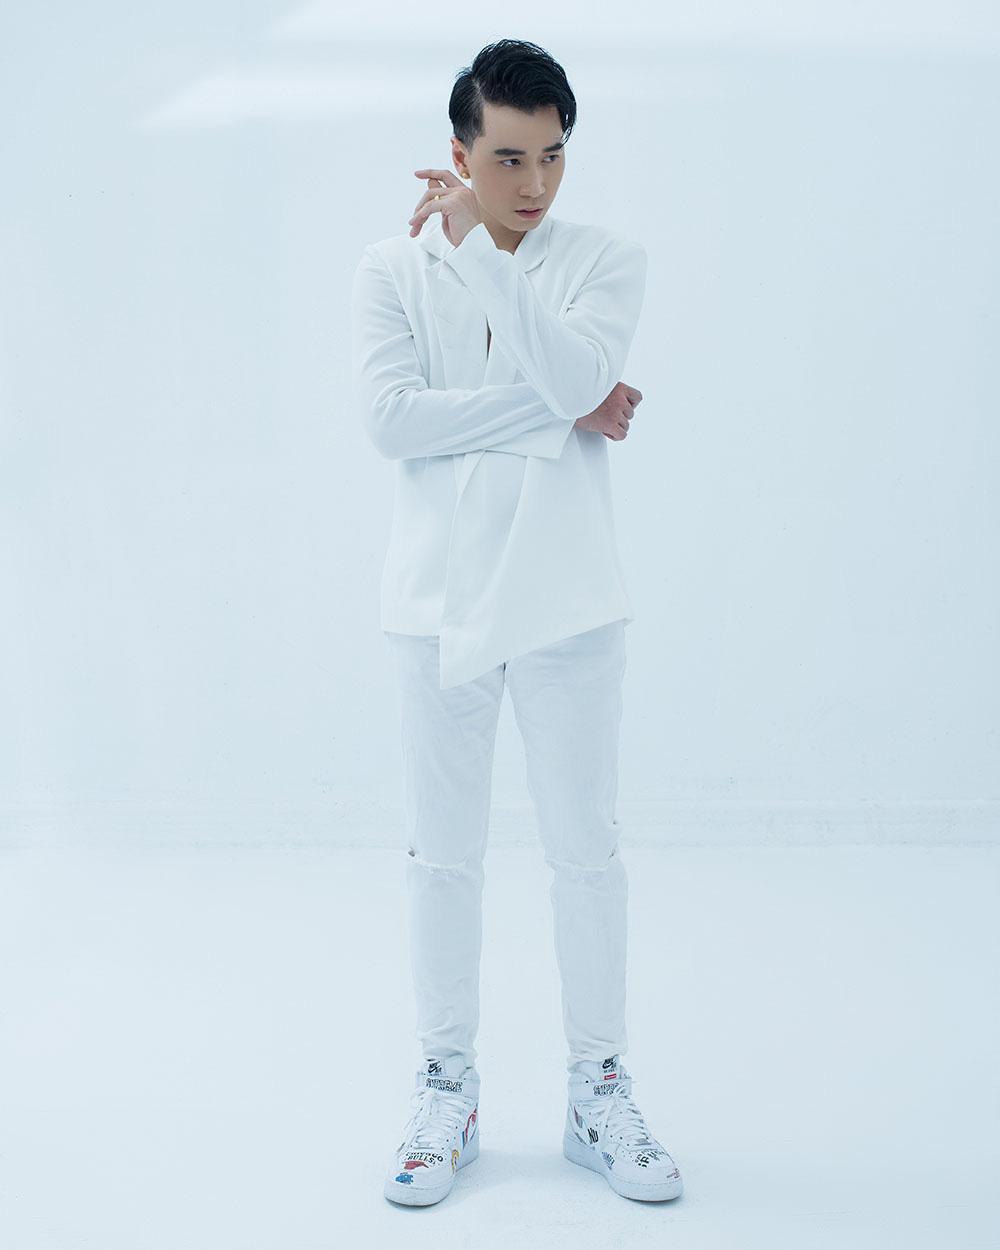 Rapper Karik khoe vẻ lạnh lùng, cá tính - Ảnh 3.